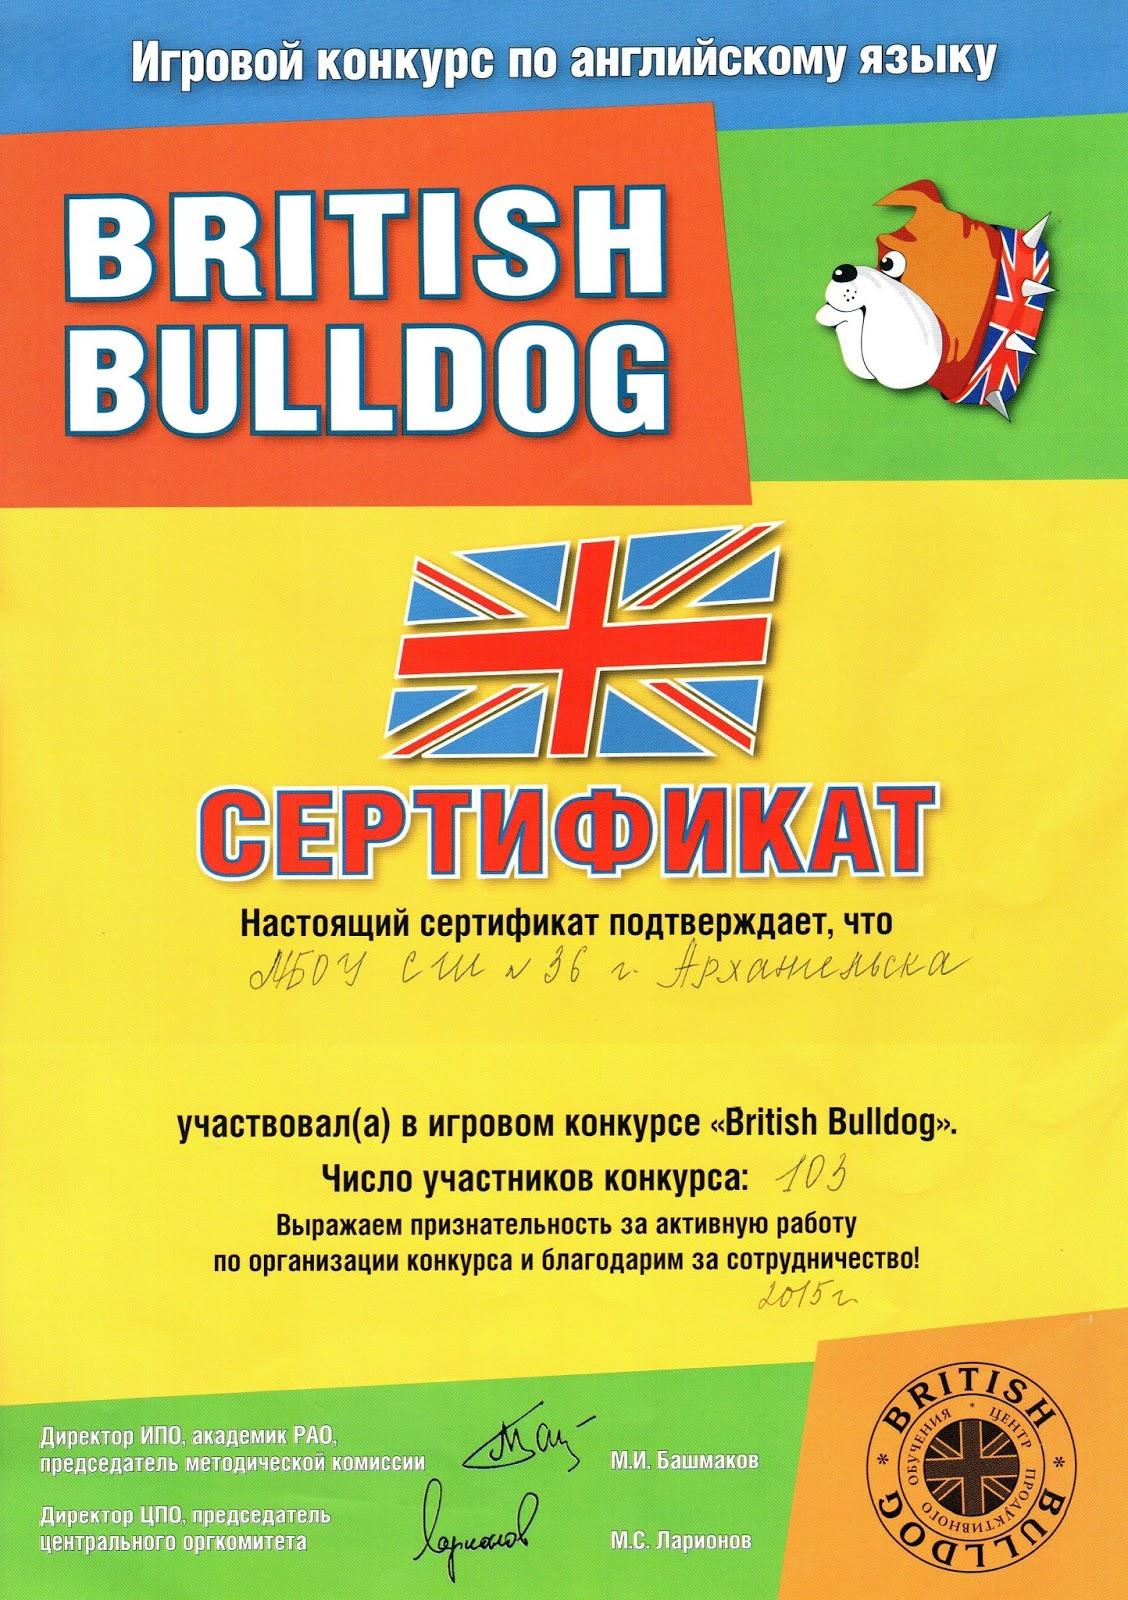 Результата конкурса британский бульдог